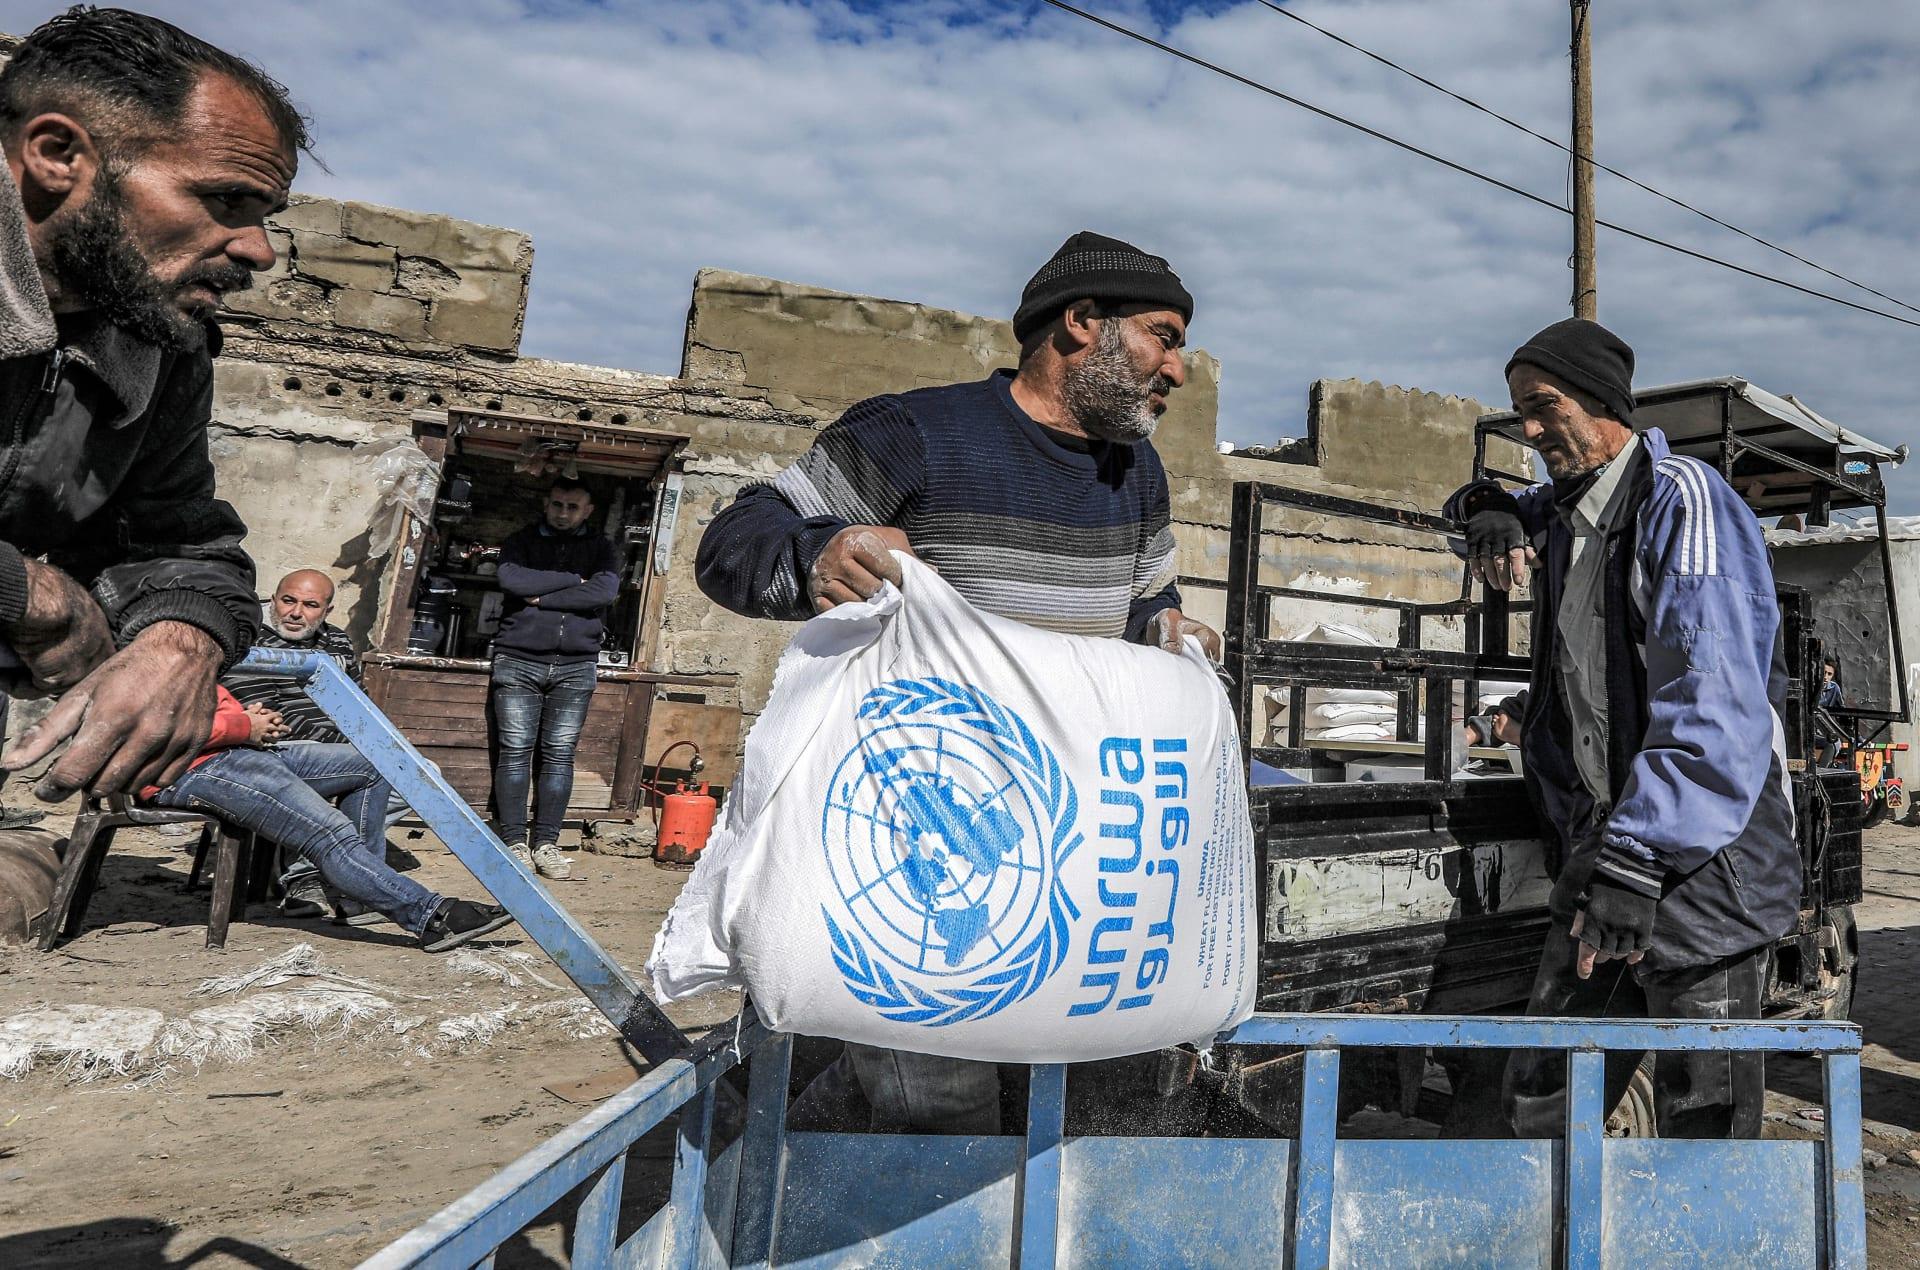 استئناف المساعدات الأمريكية للأونروا: إسرائيل تتحفظ.. والحكومة الفلسطينية ترحب